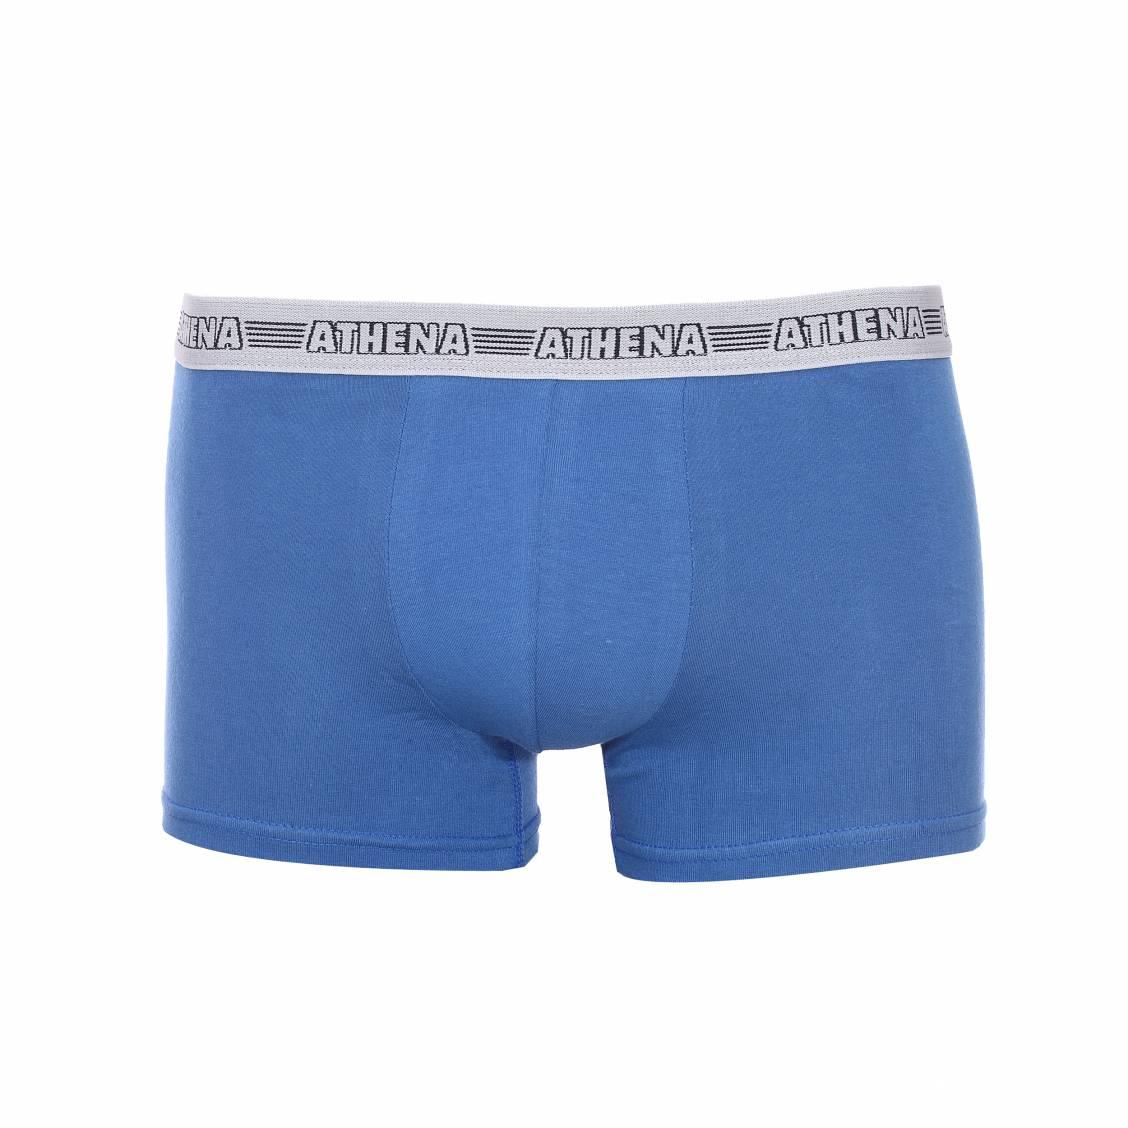 Lot de 3 boxers athena en coton stretch turquoise bleu for Bleu turquoise fonce